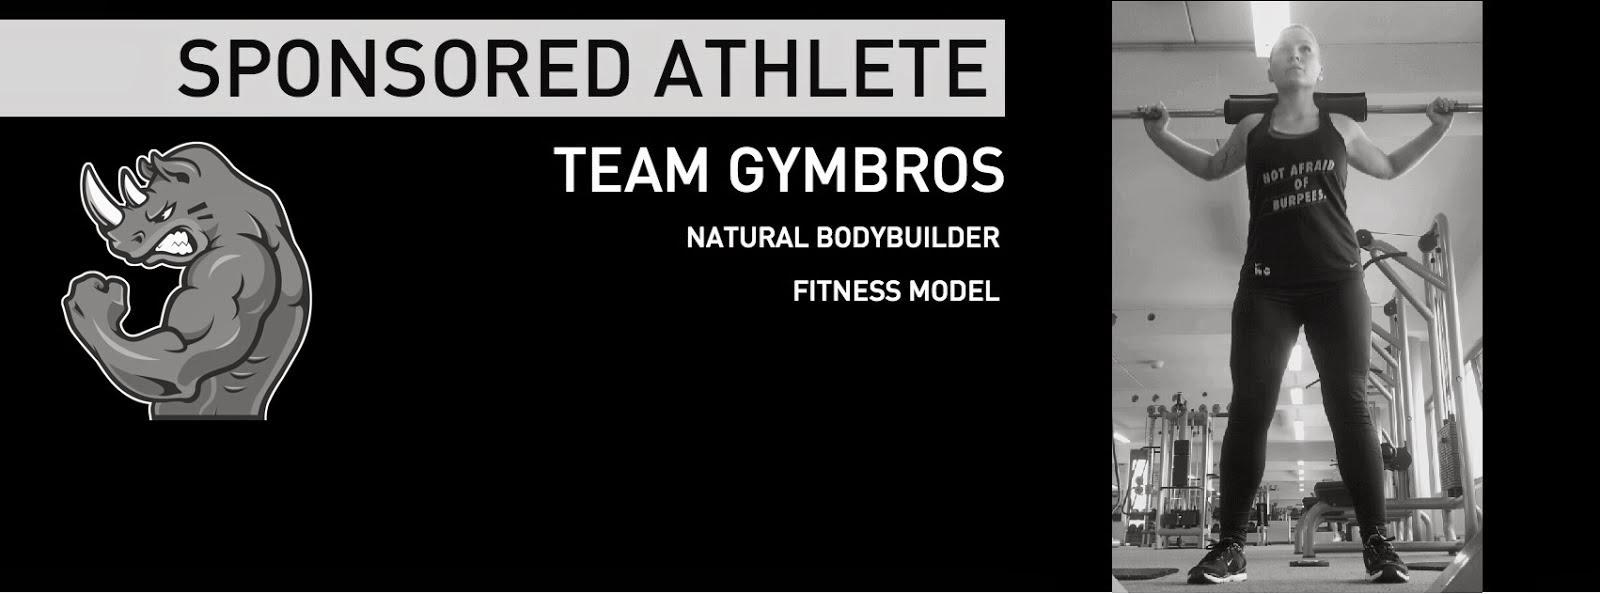 #teamgymbros